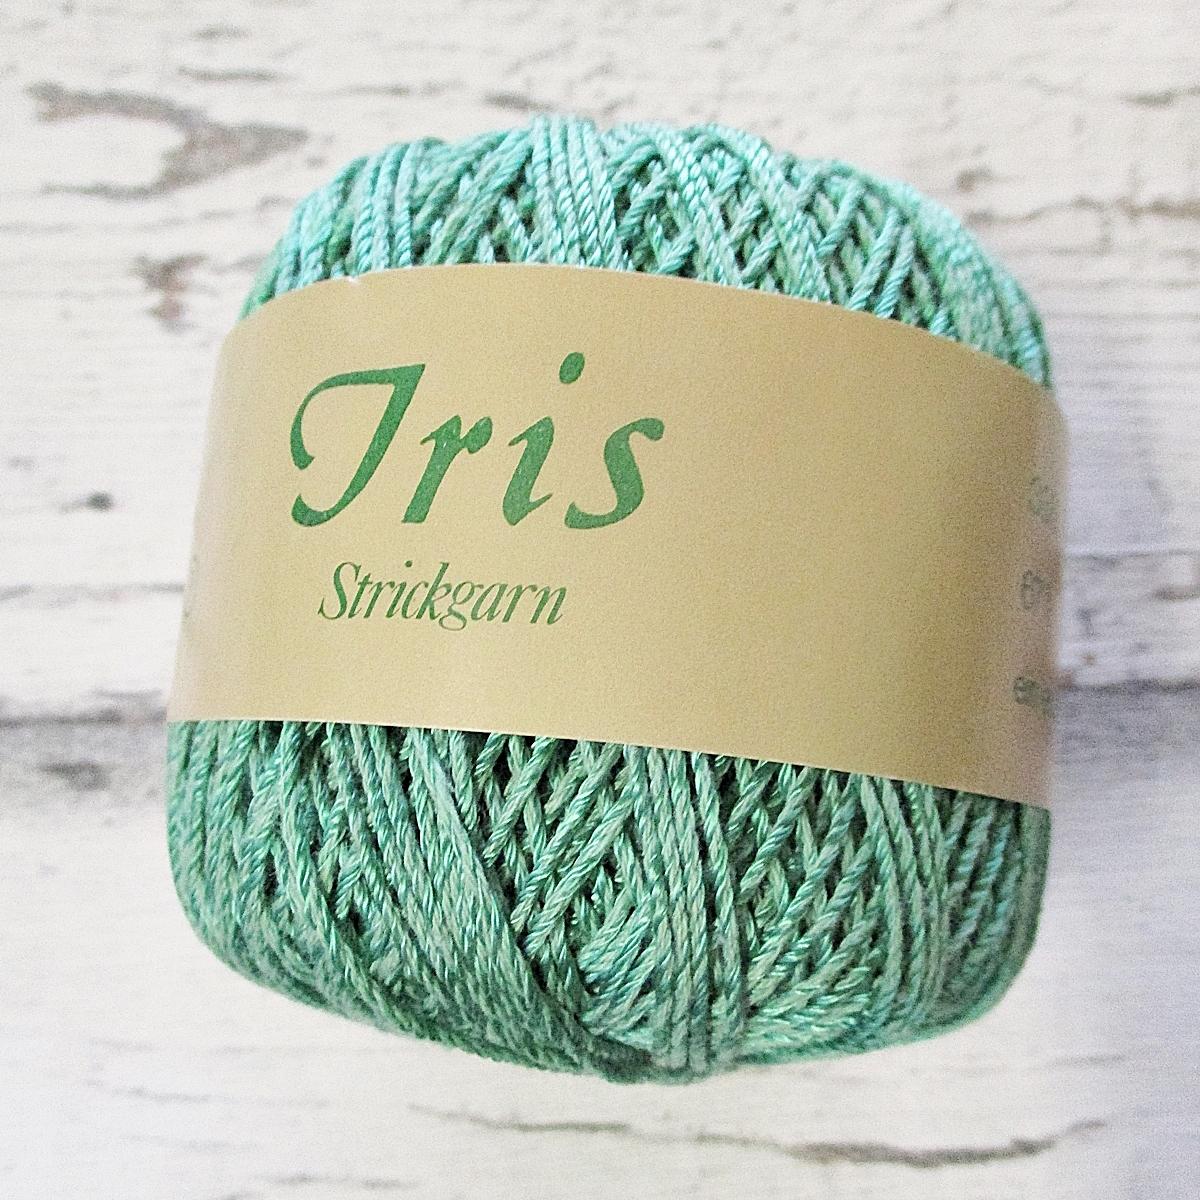 Wolle Strickgarn Iris 67%Viskose 33umwolle Farbe_14 grün - Woolnerd